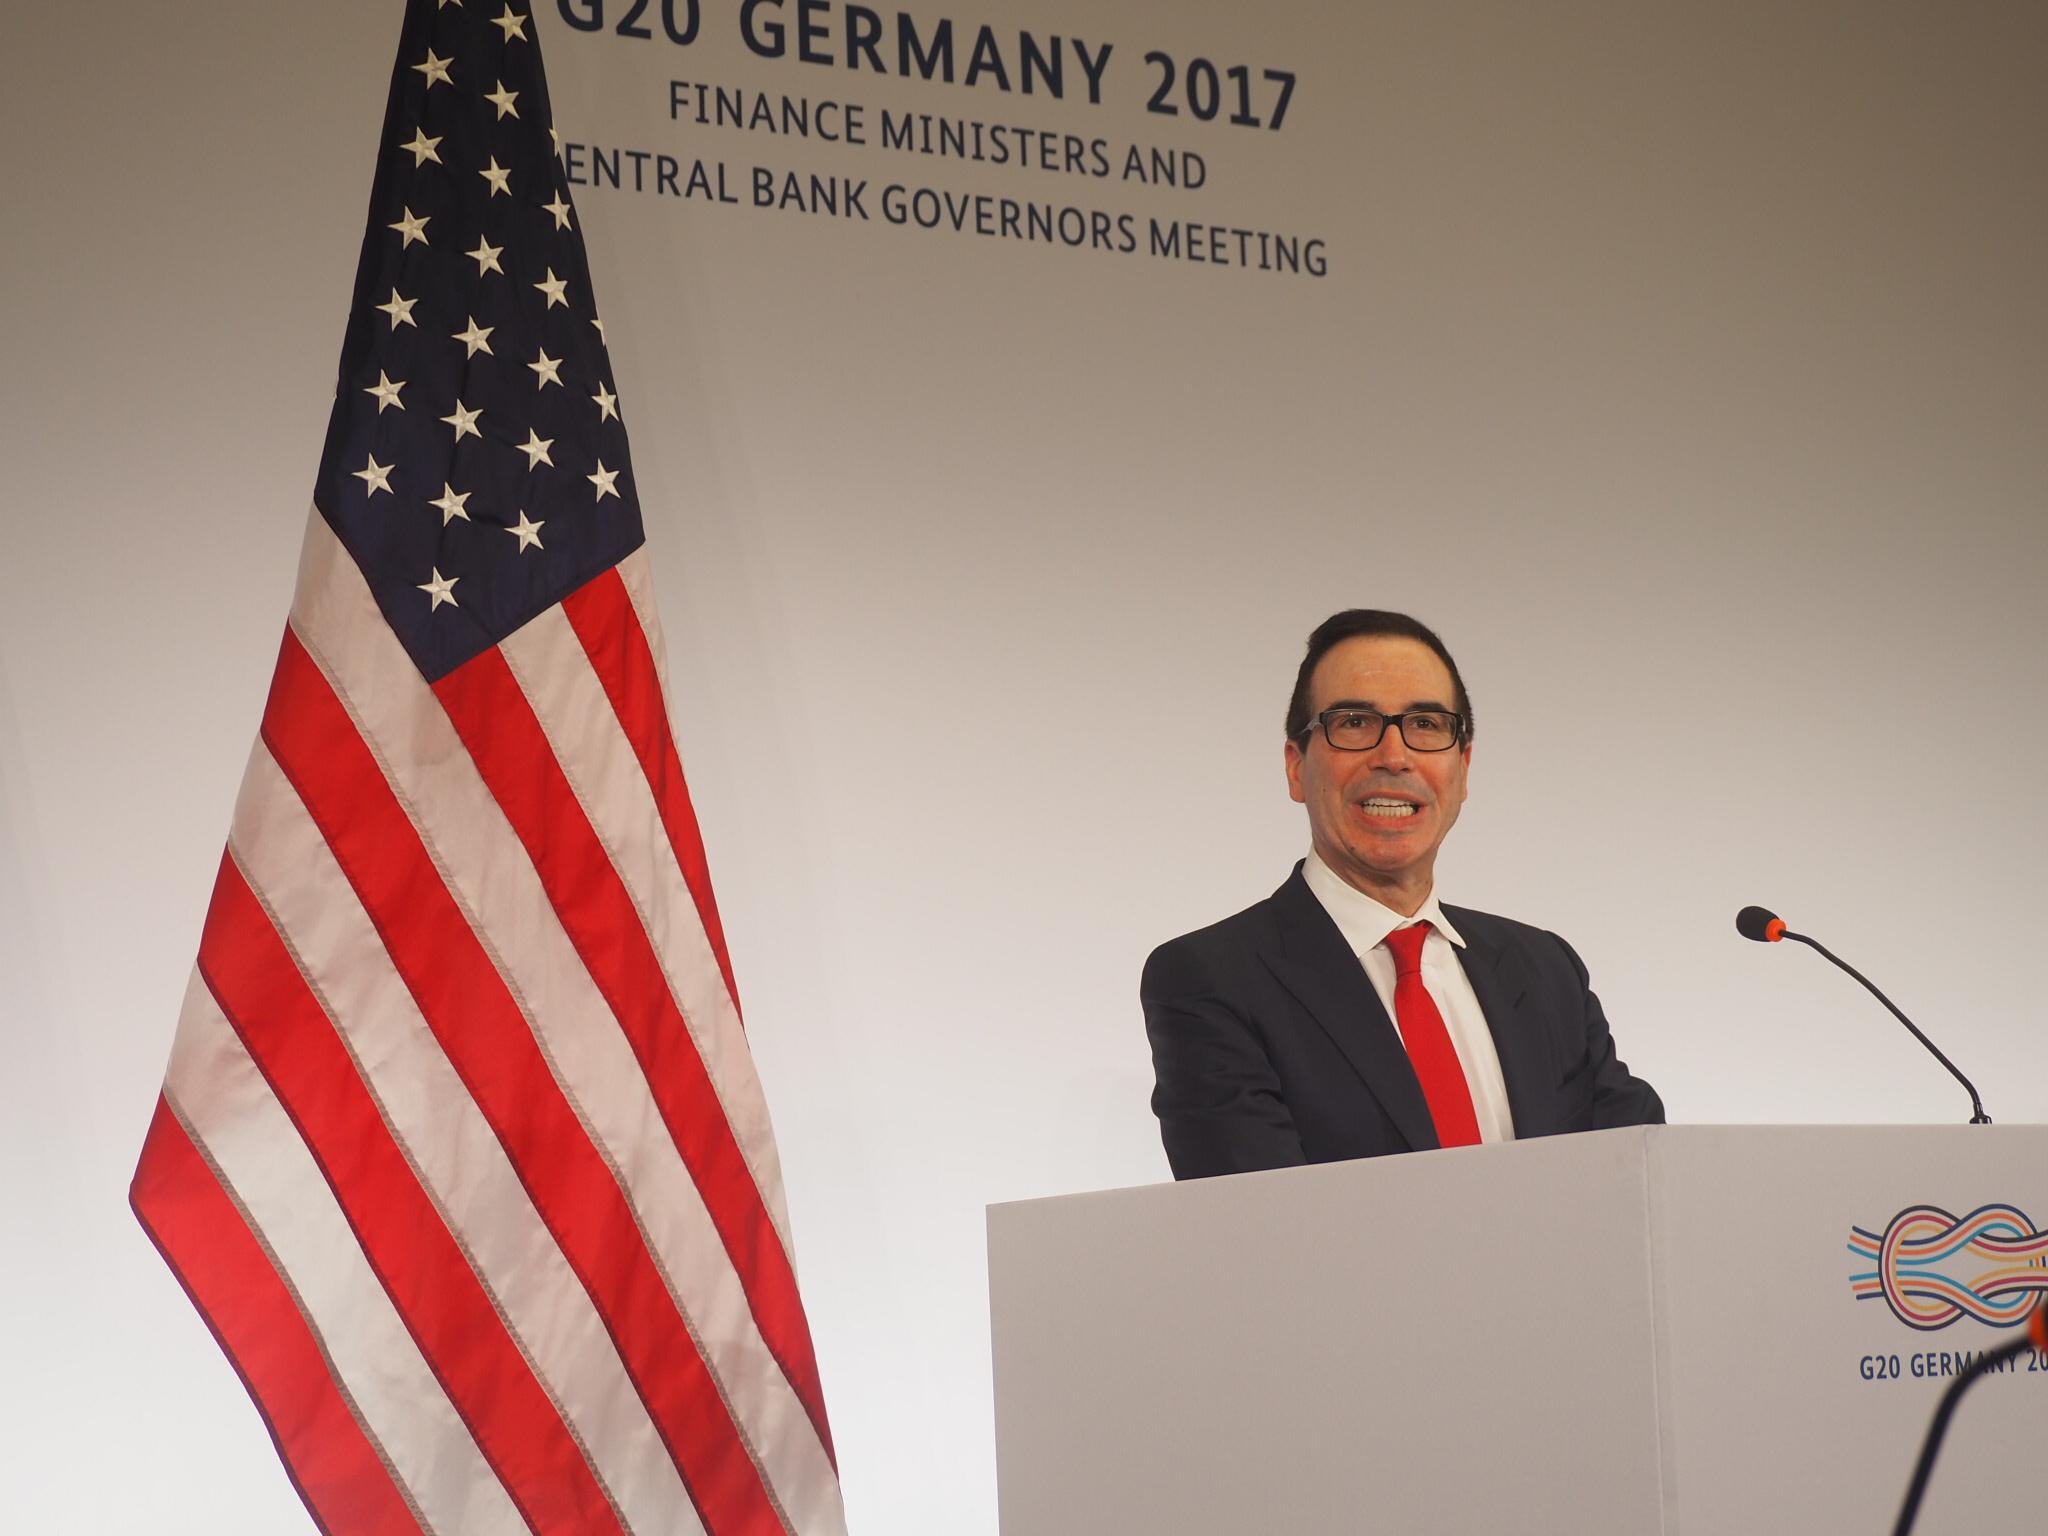 G20公告美国大获全胜 美财长称卓有成效 (组图)